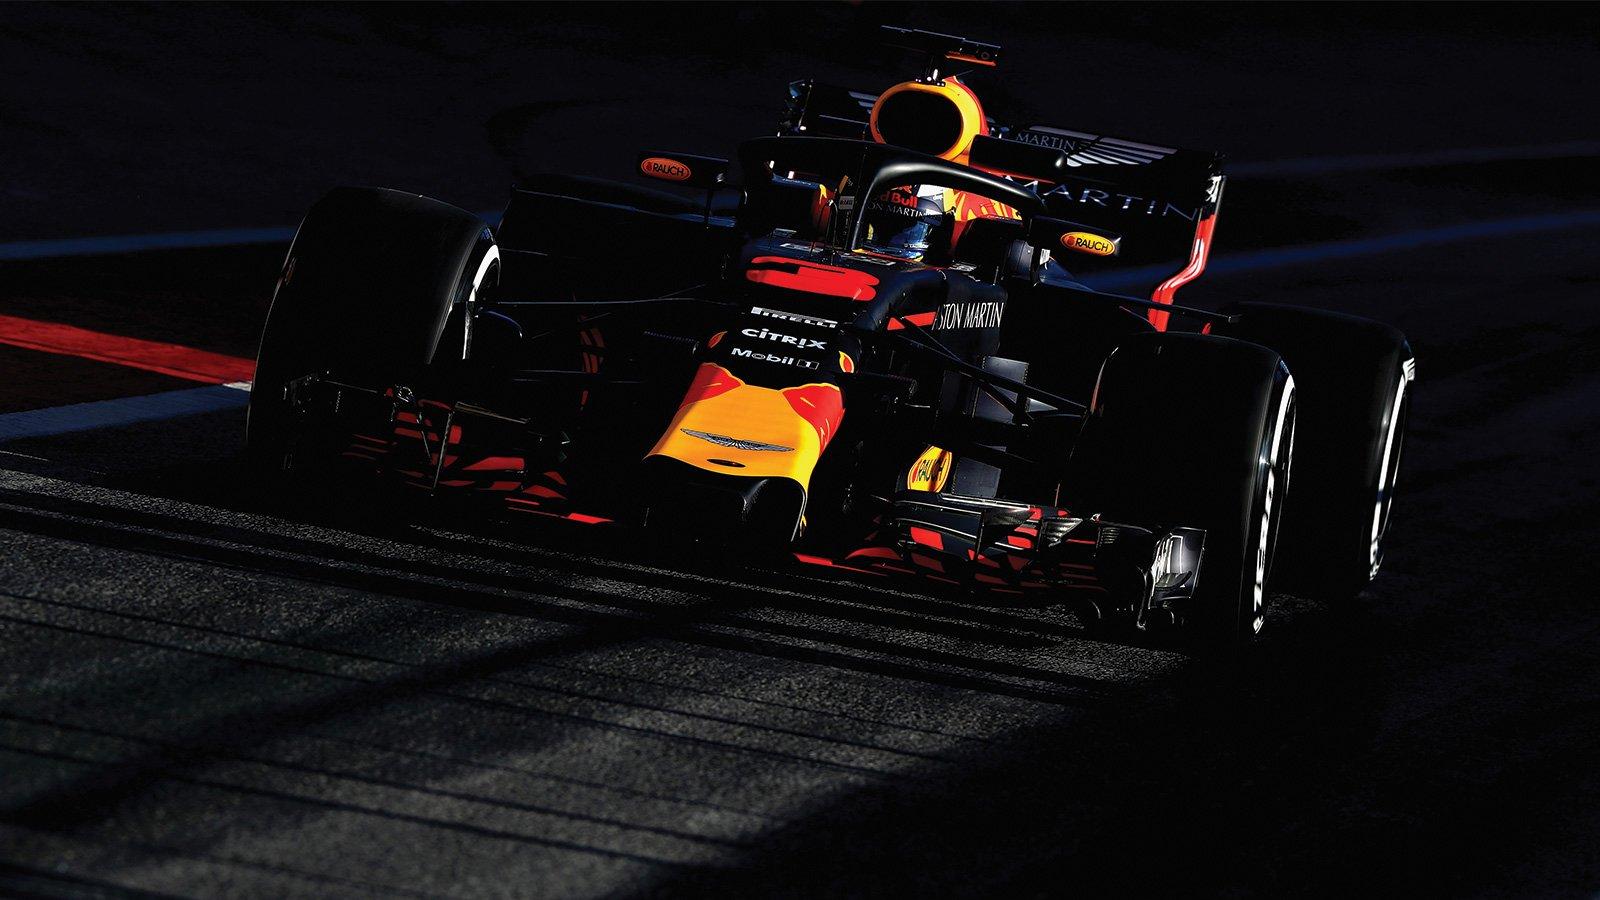 Даниэль Риккардо за рулём Red Bull на предсезонных тестах Формулы-1 в Барселоне